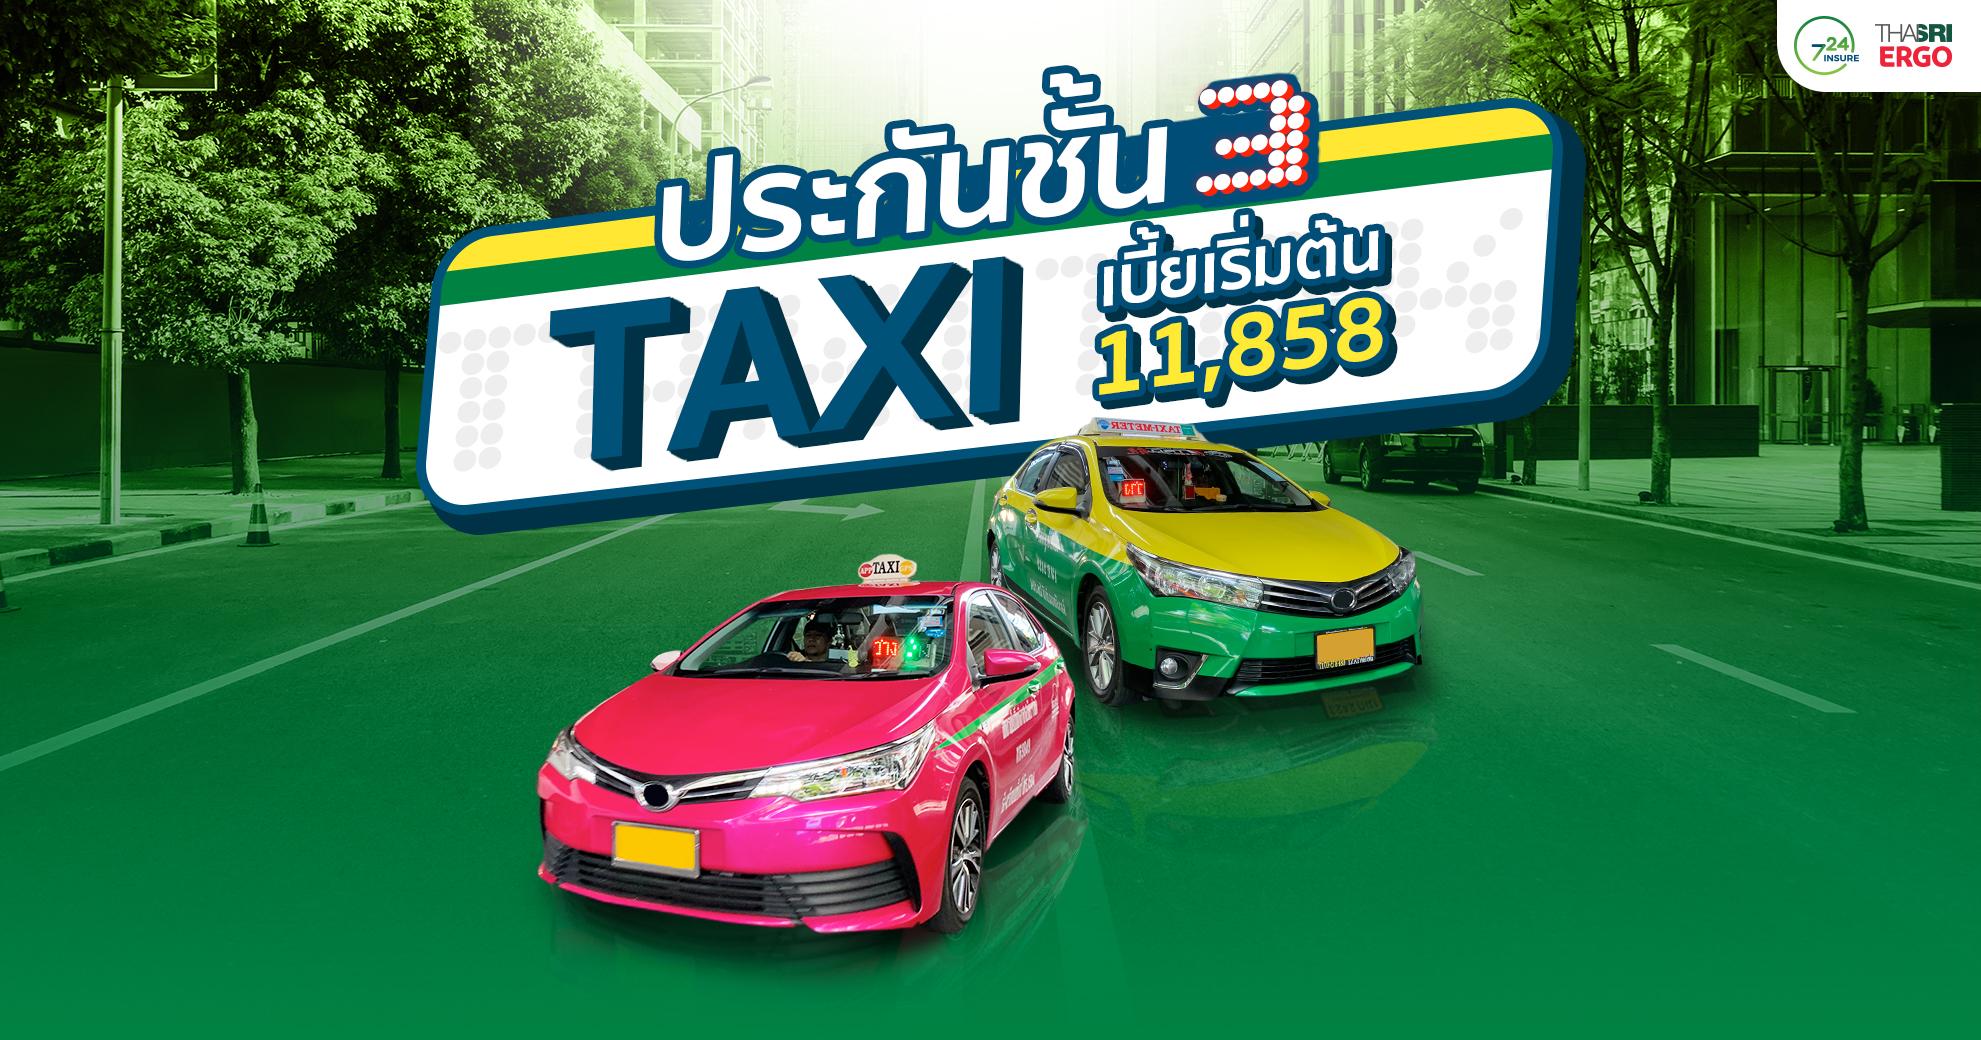 ประกันชั้น 3 แท๊กซี่ เริ่ม 11,858 บาท/ปี